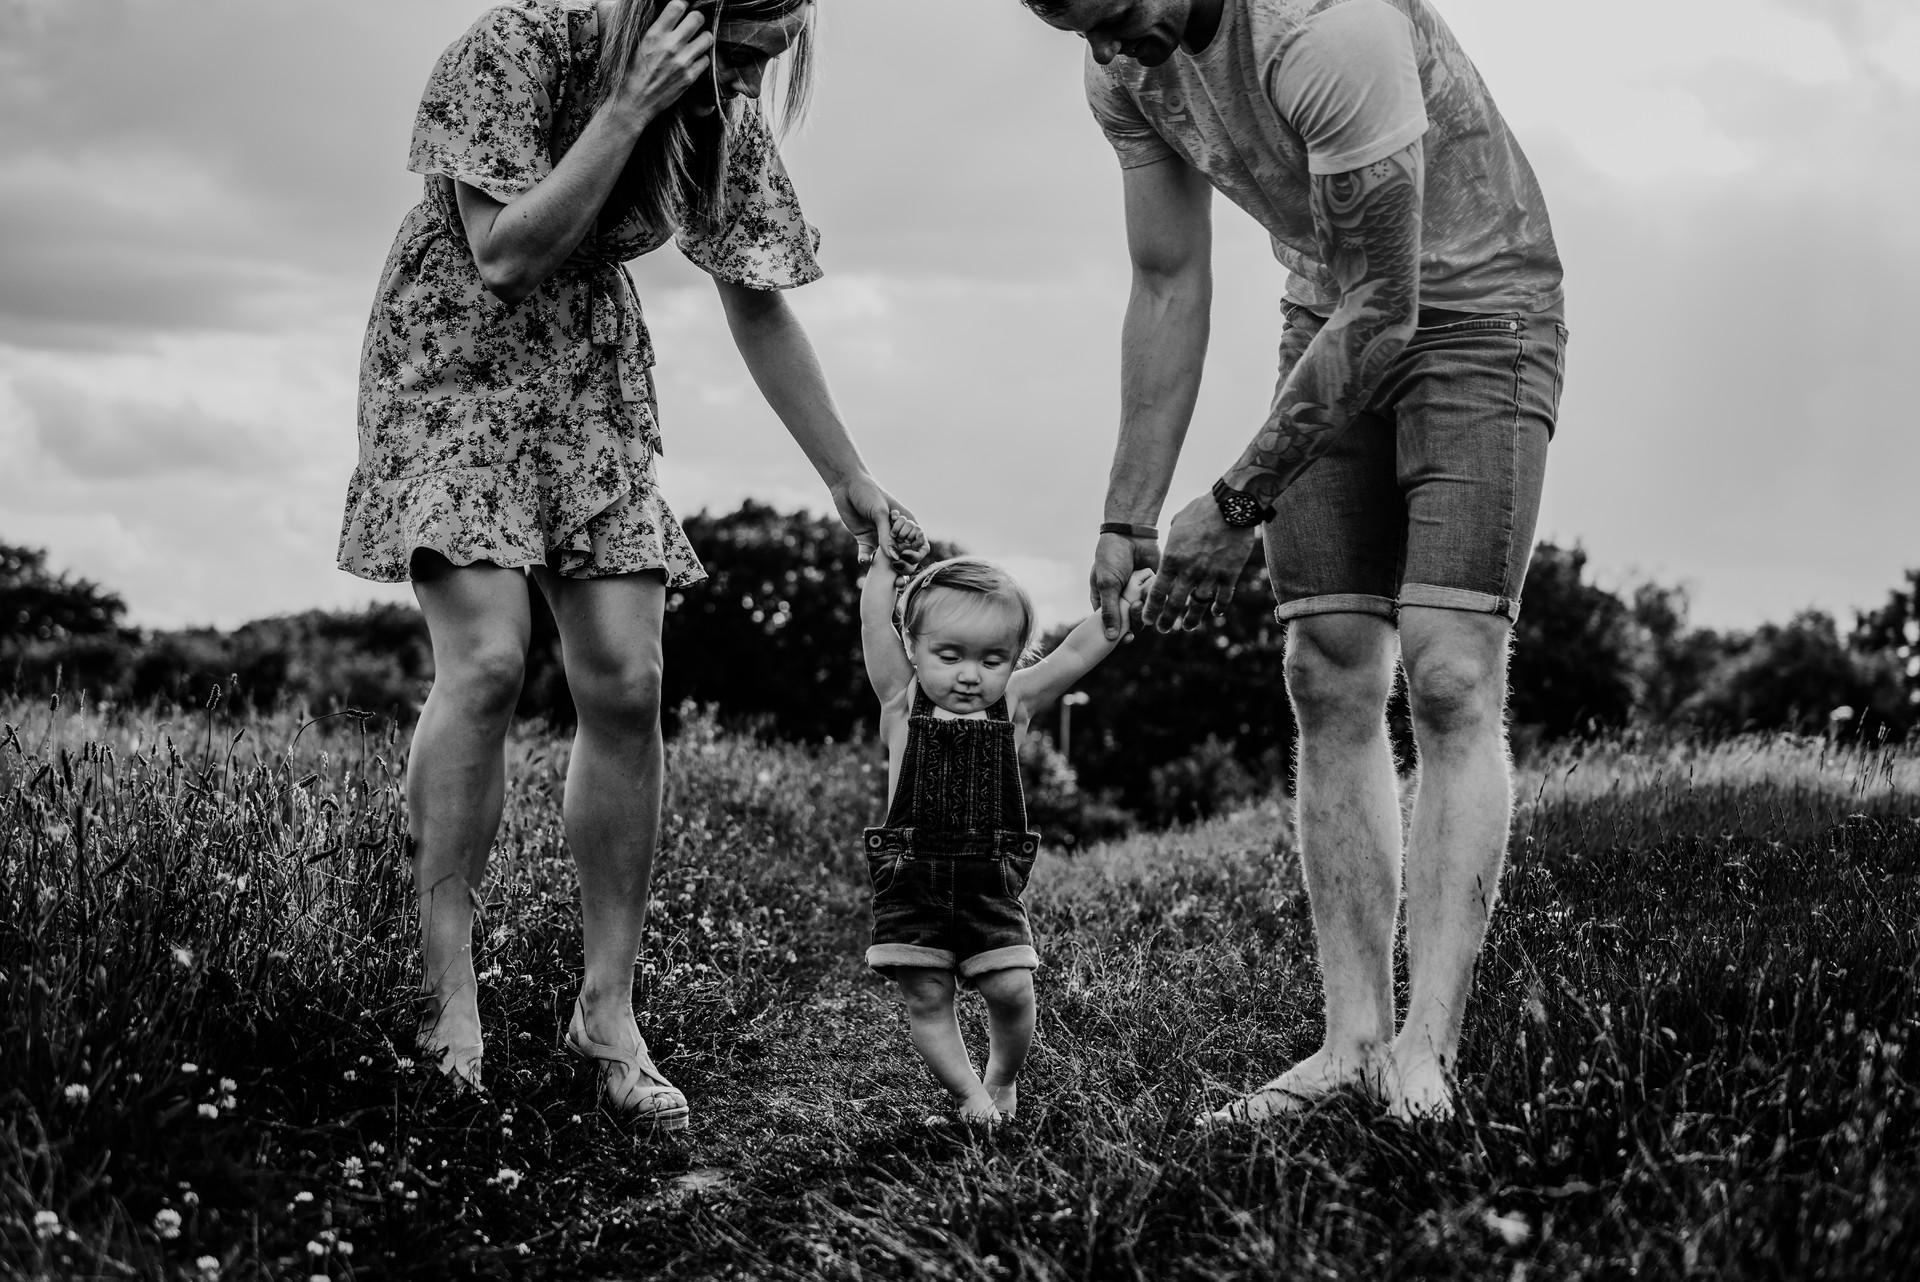 CHILDREN/FAMILY